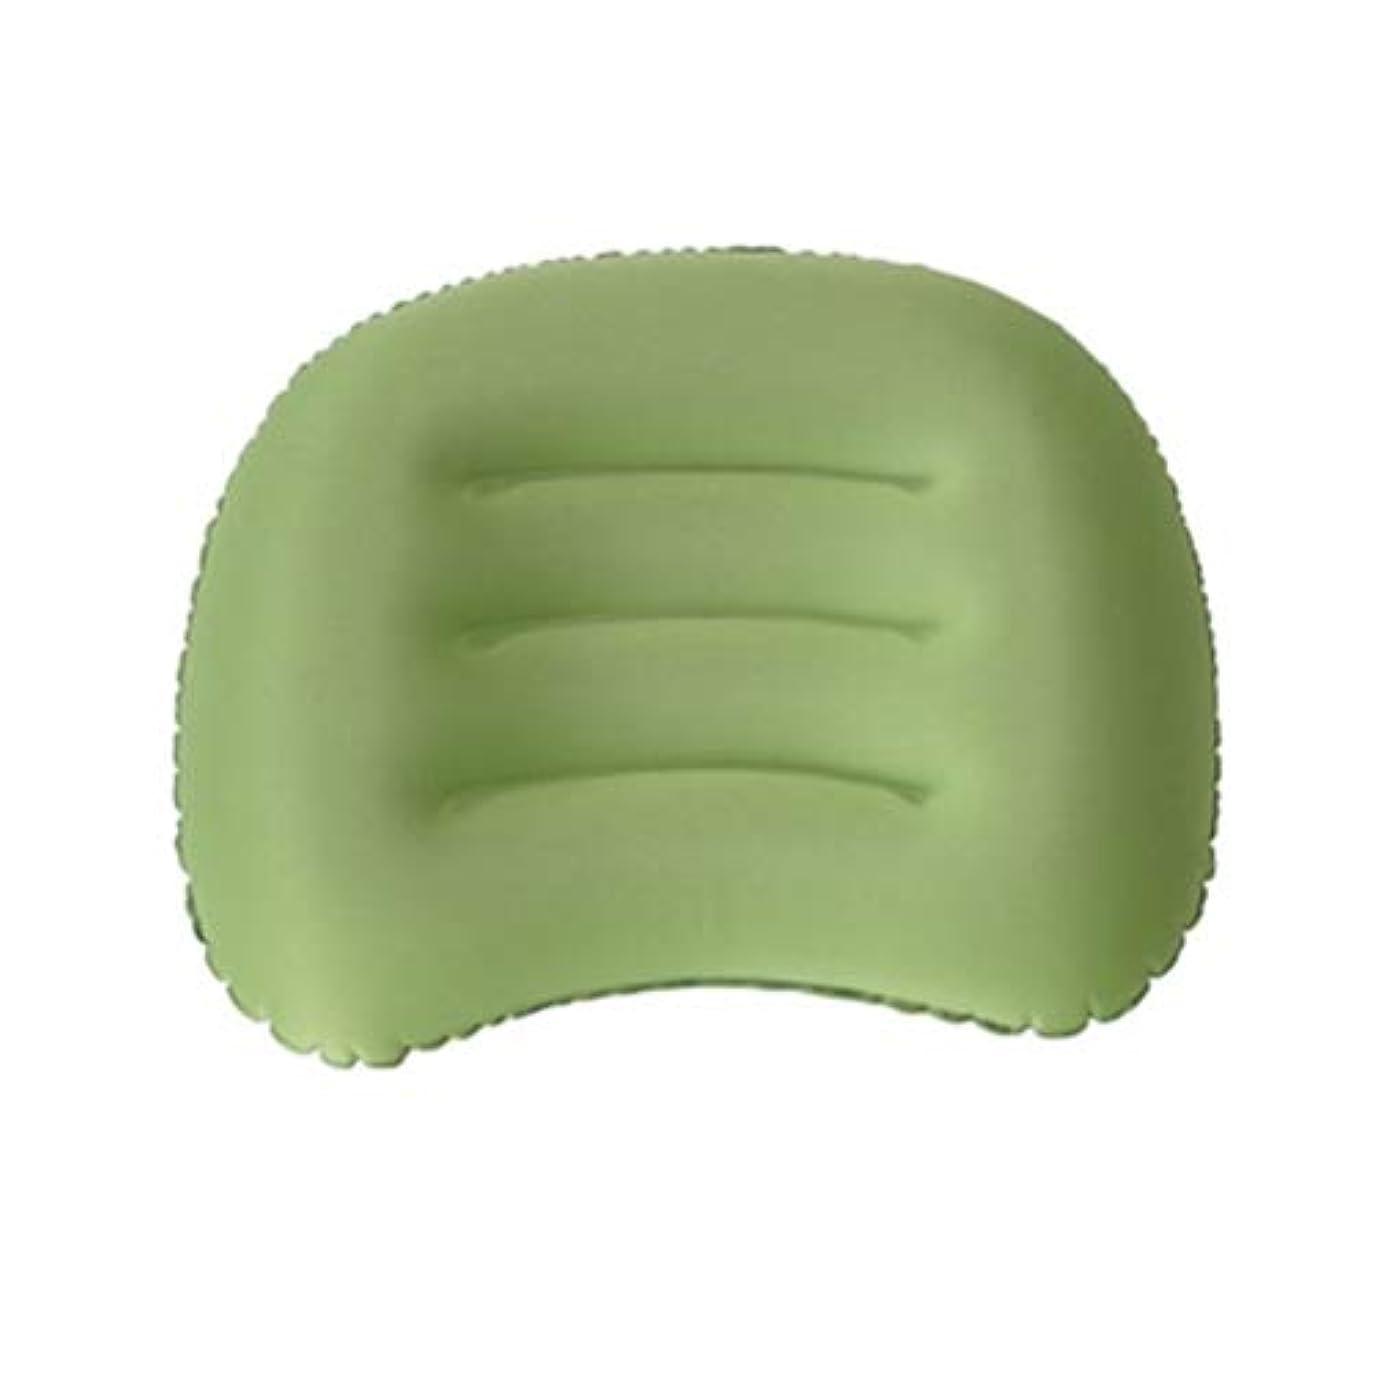 タバコ実際のスクランブルHNJZX エアーピロー 空気枕 旅行用枕 キャンプ枕 手動プレス式 エアー枕 キャンプ枕 携帯枕 超軽量 収納ポーチ付き